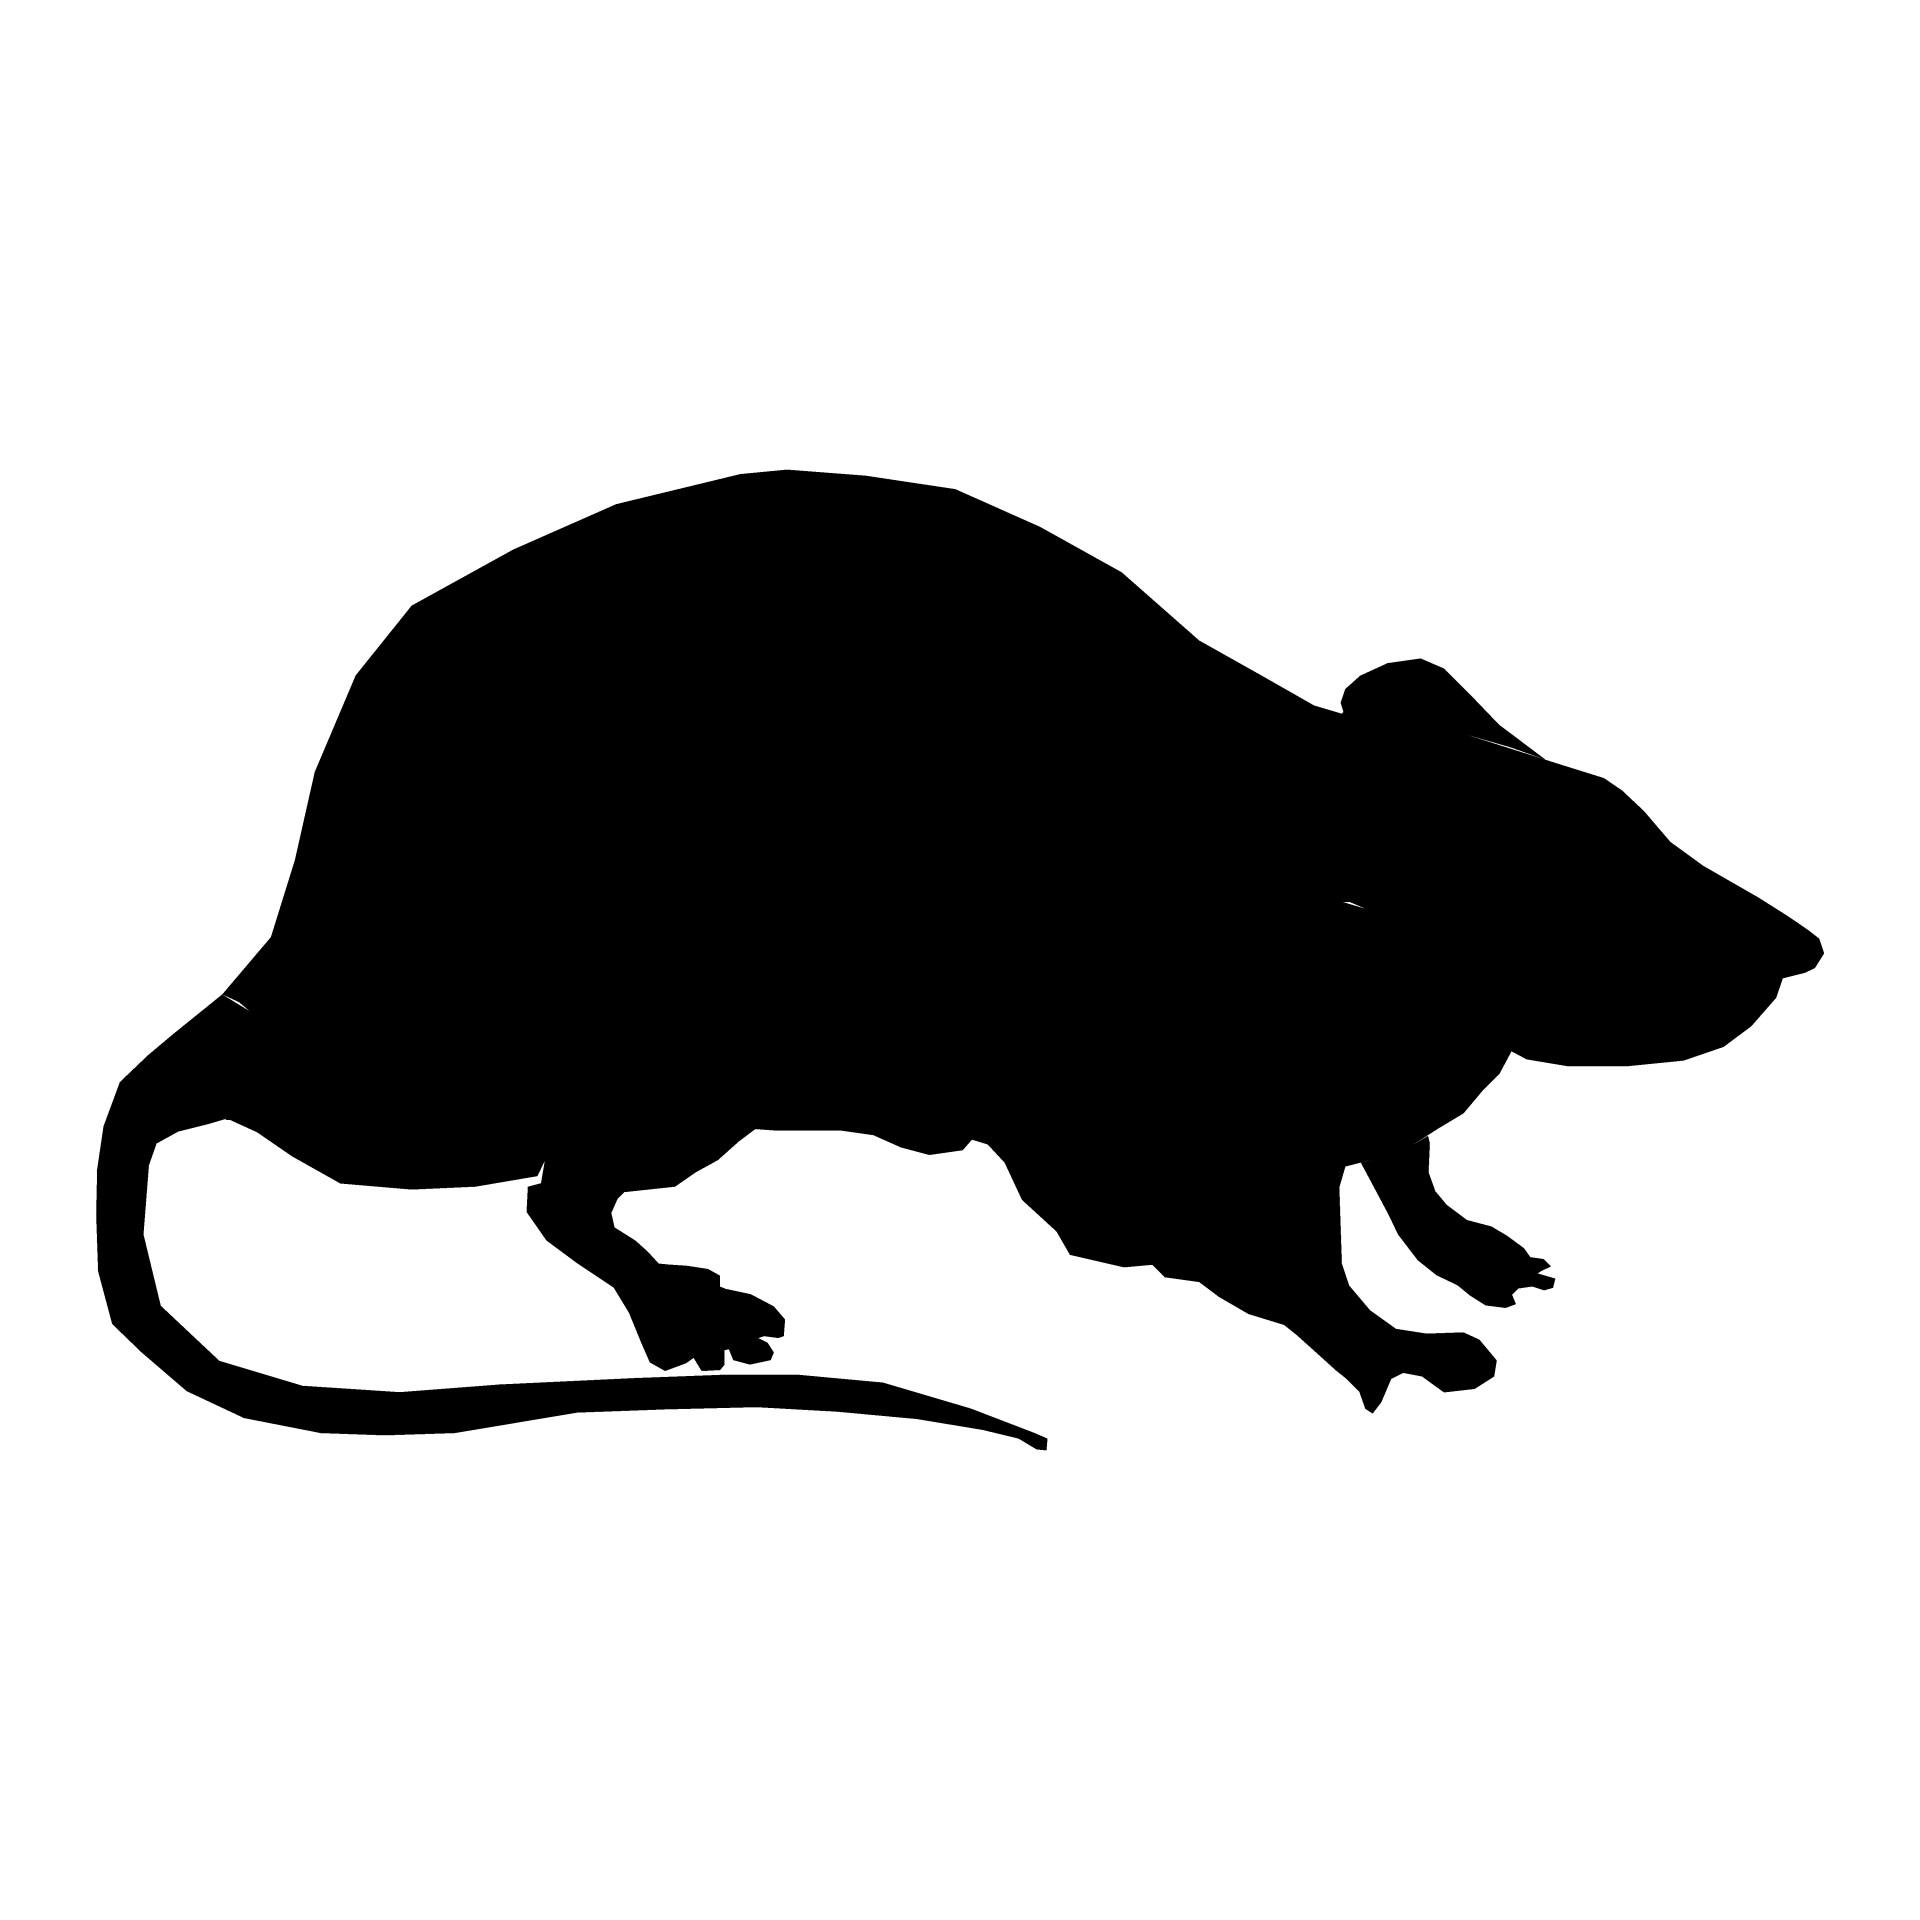 1920x1920 Magic Rats Archives